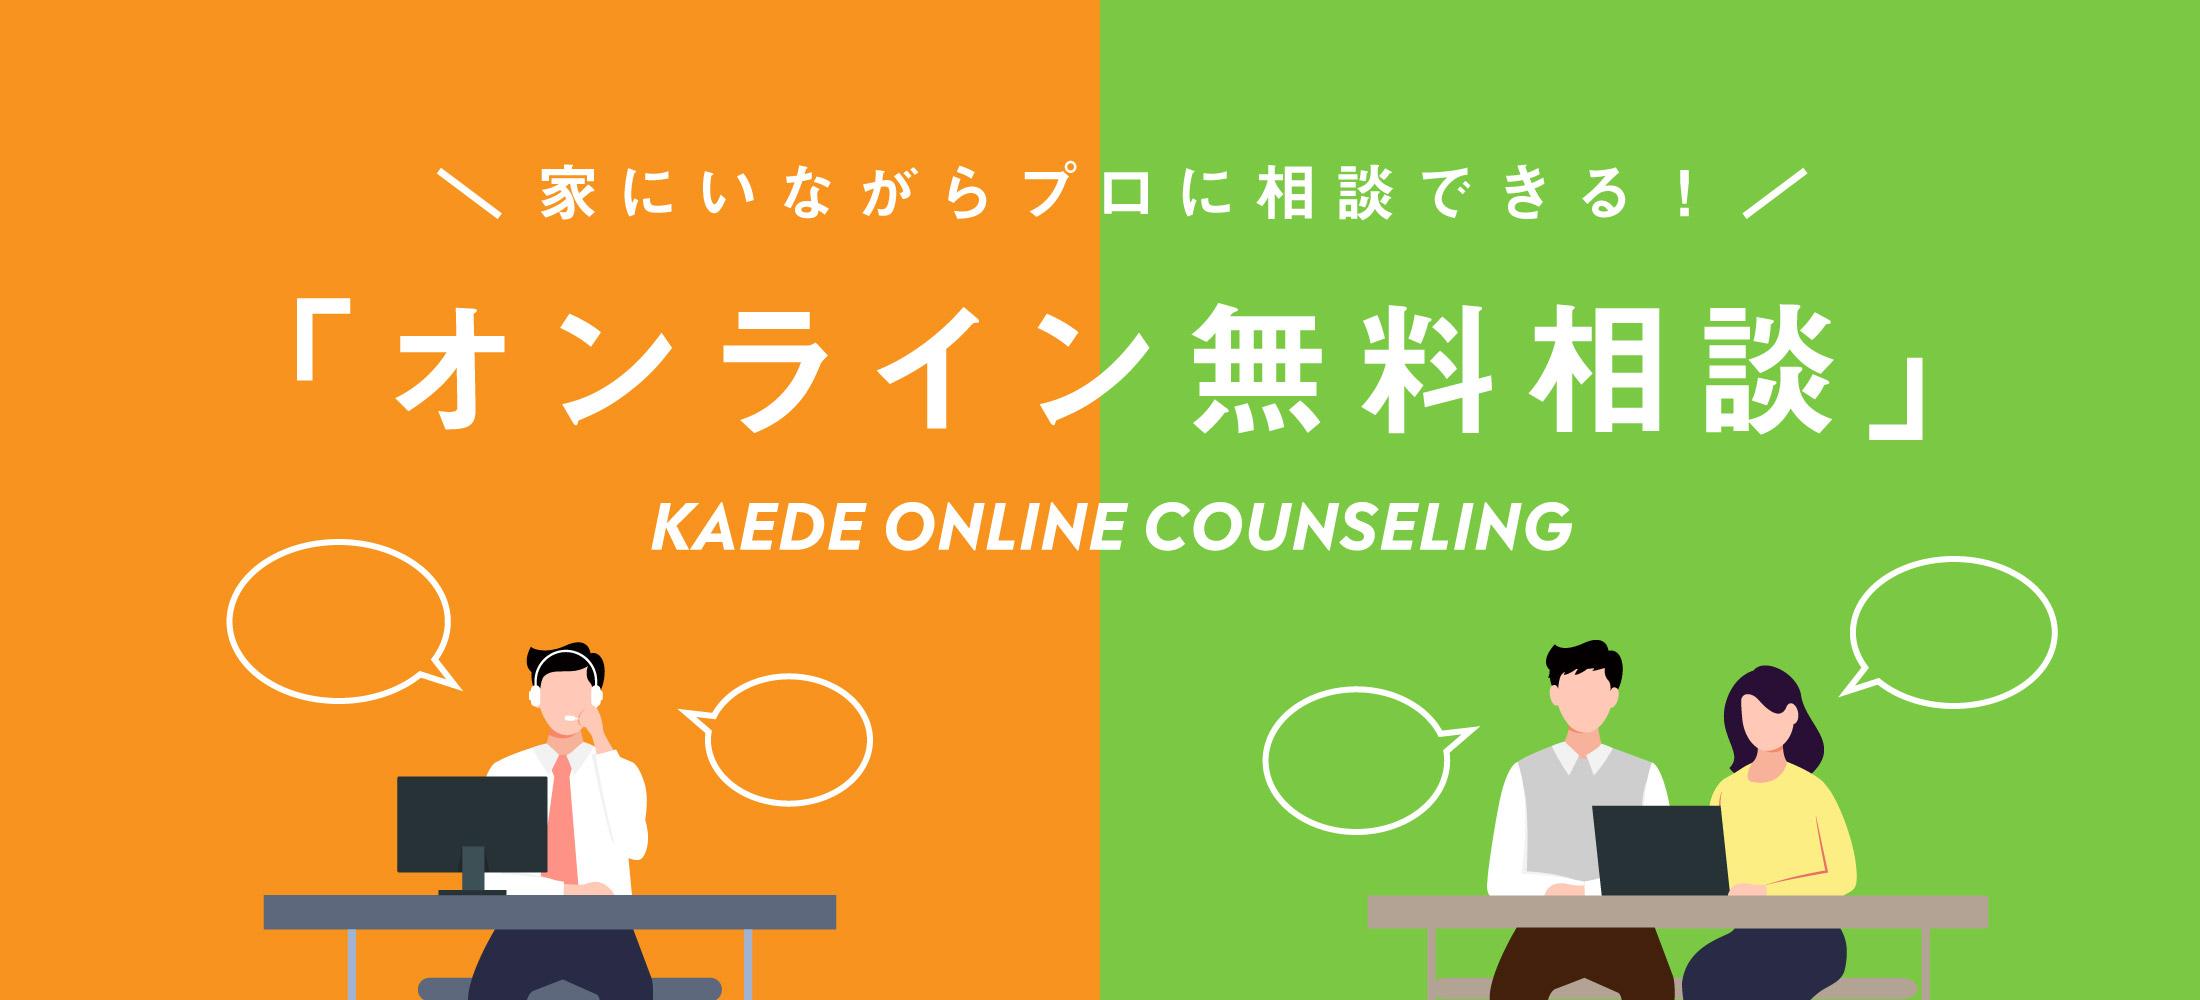 福岡 外構 オンライン相談